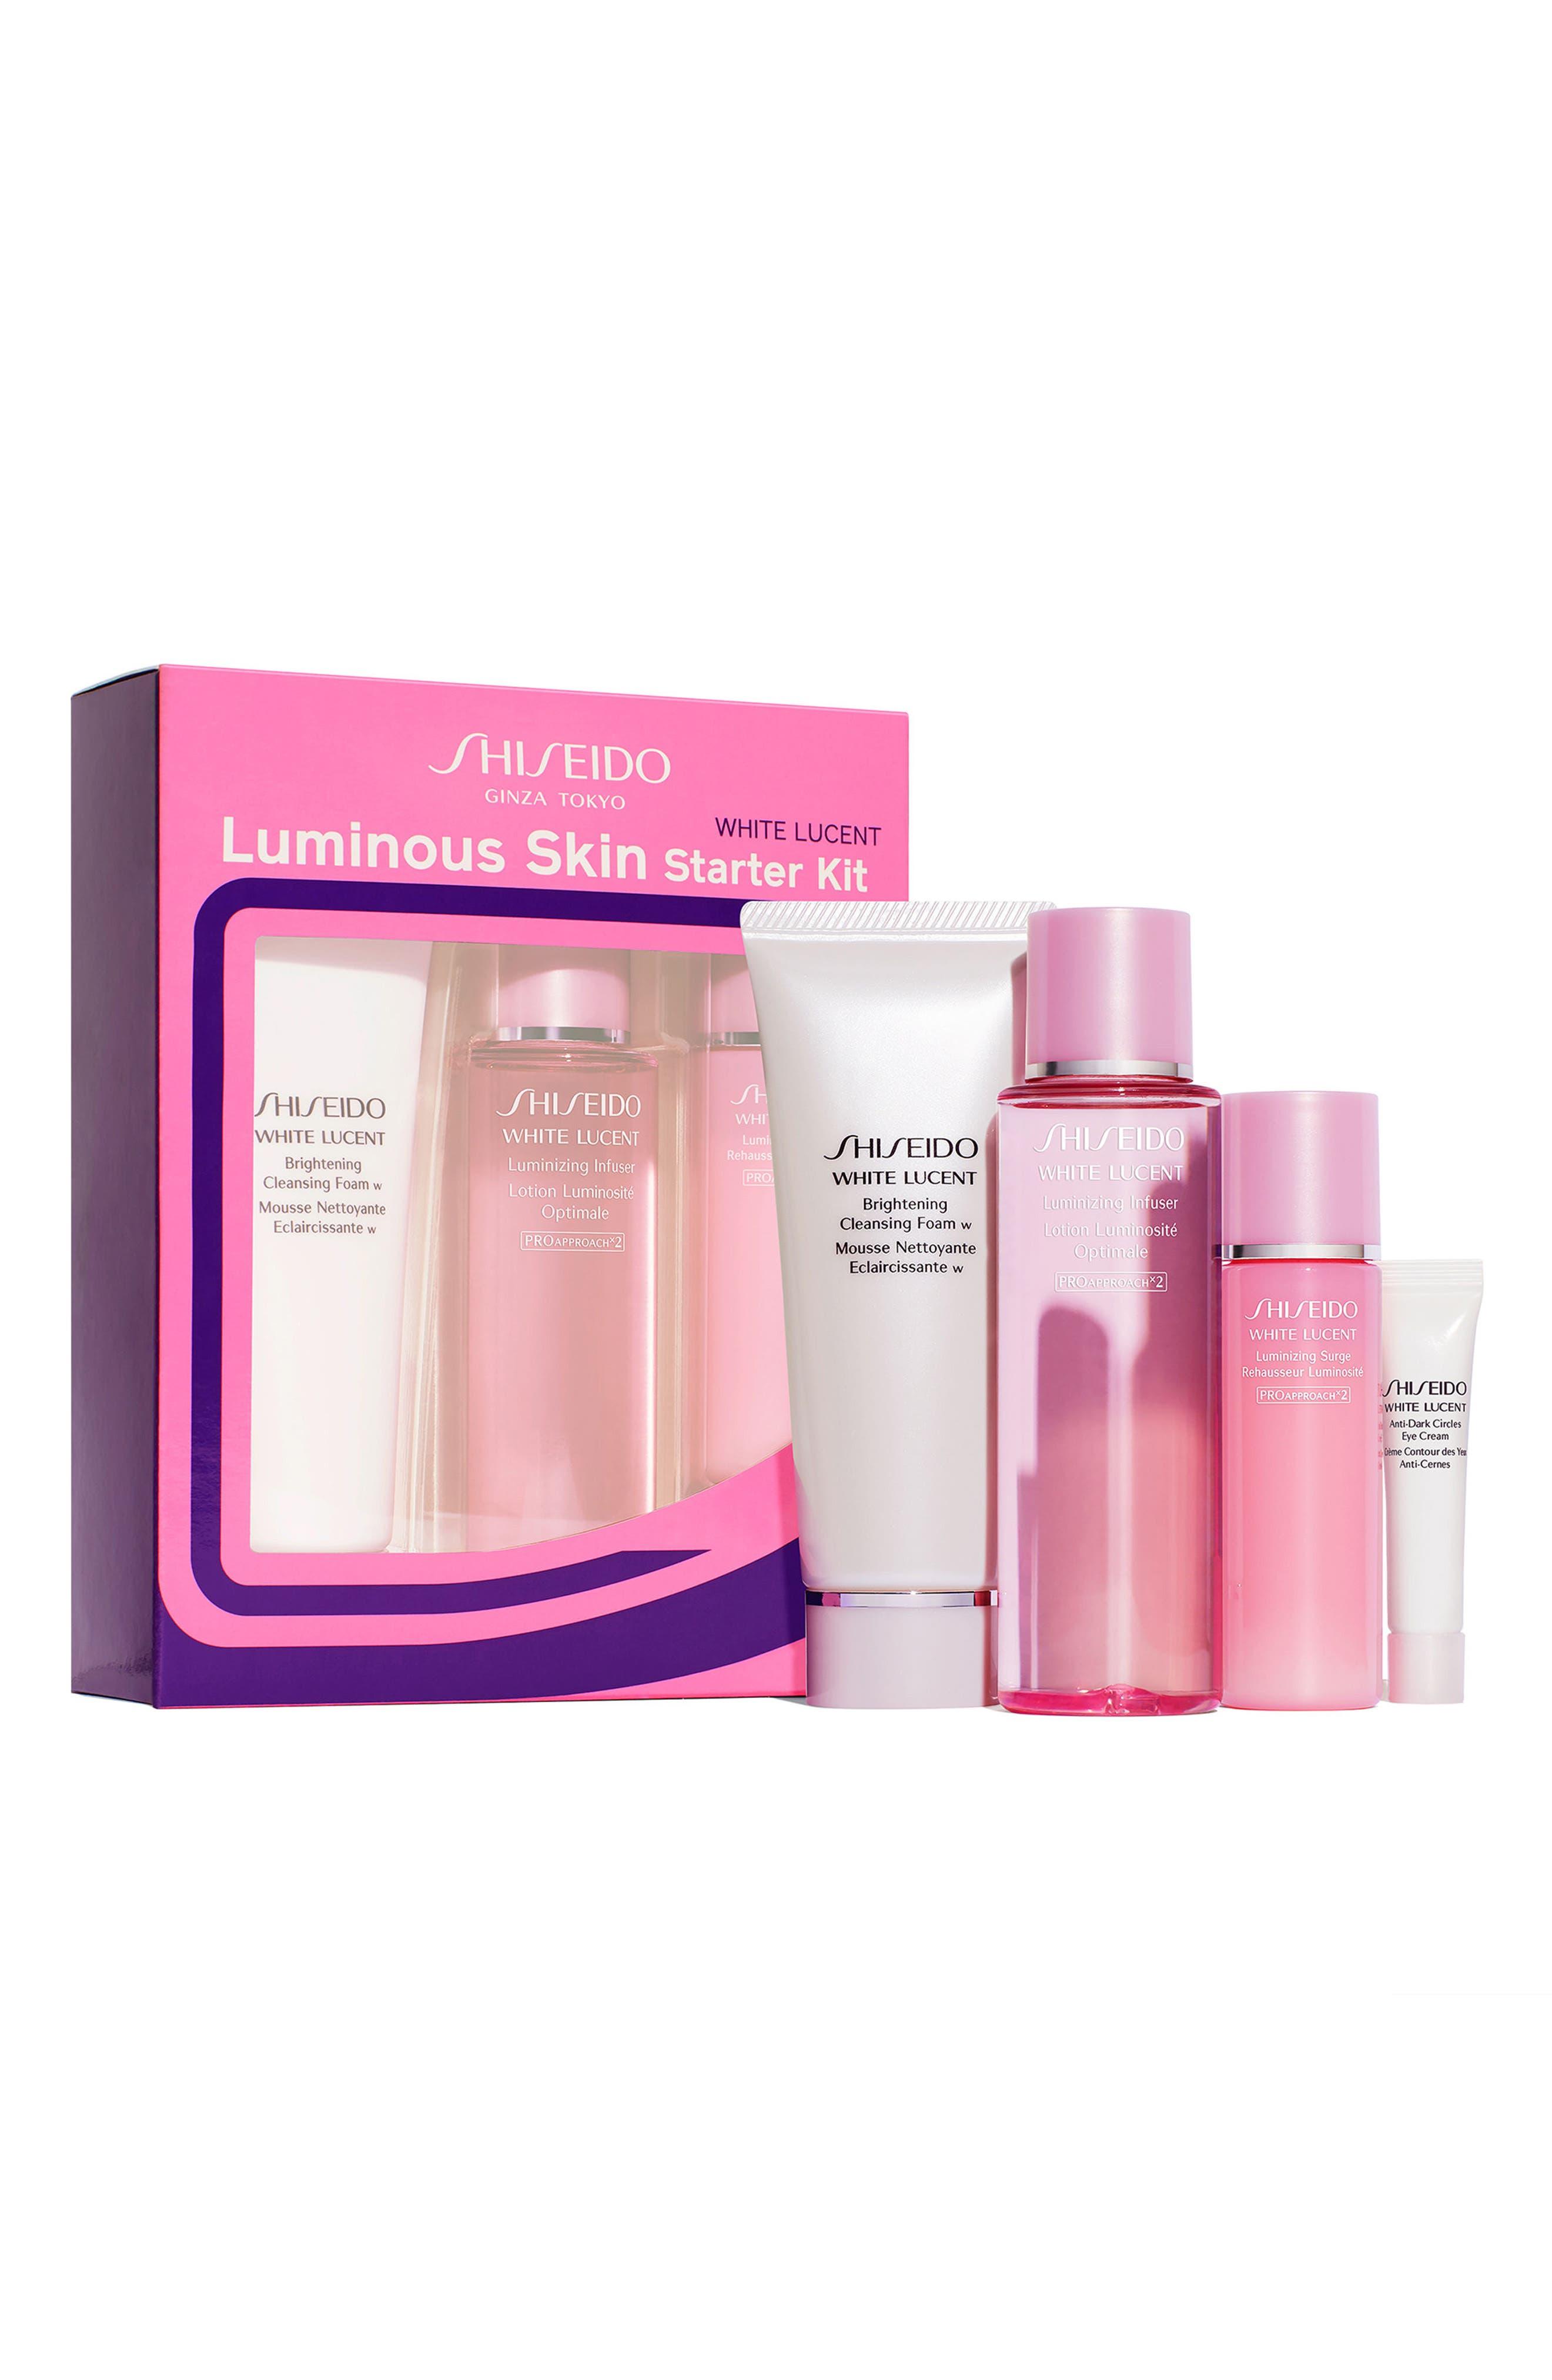 White Lucent Luminous Skin Starter Kit,                             Main thumbnail 1, color,                             No Color